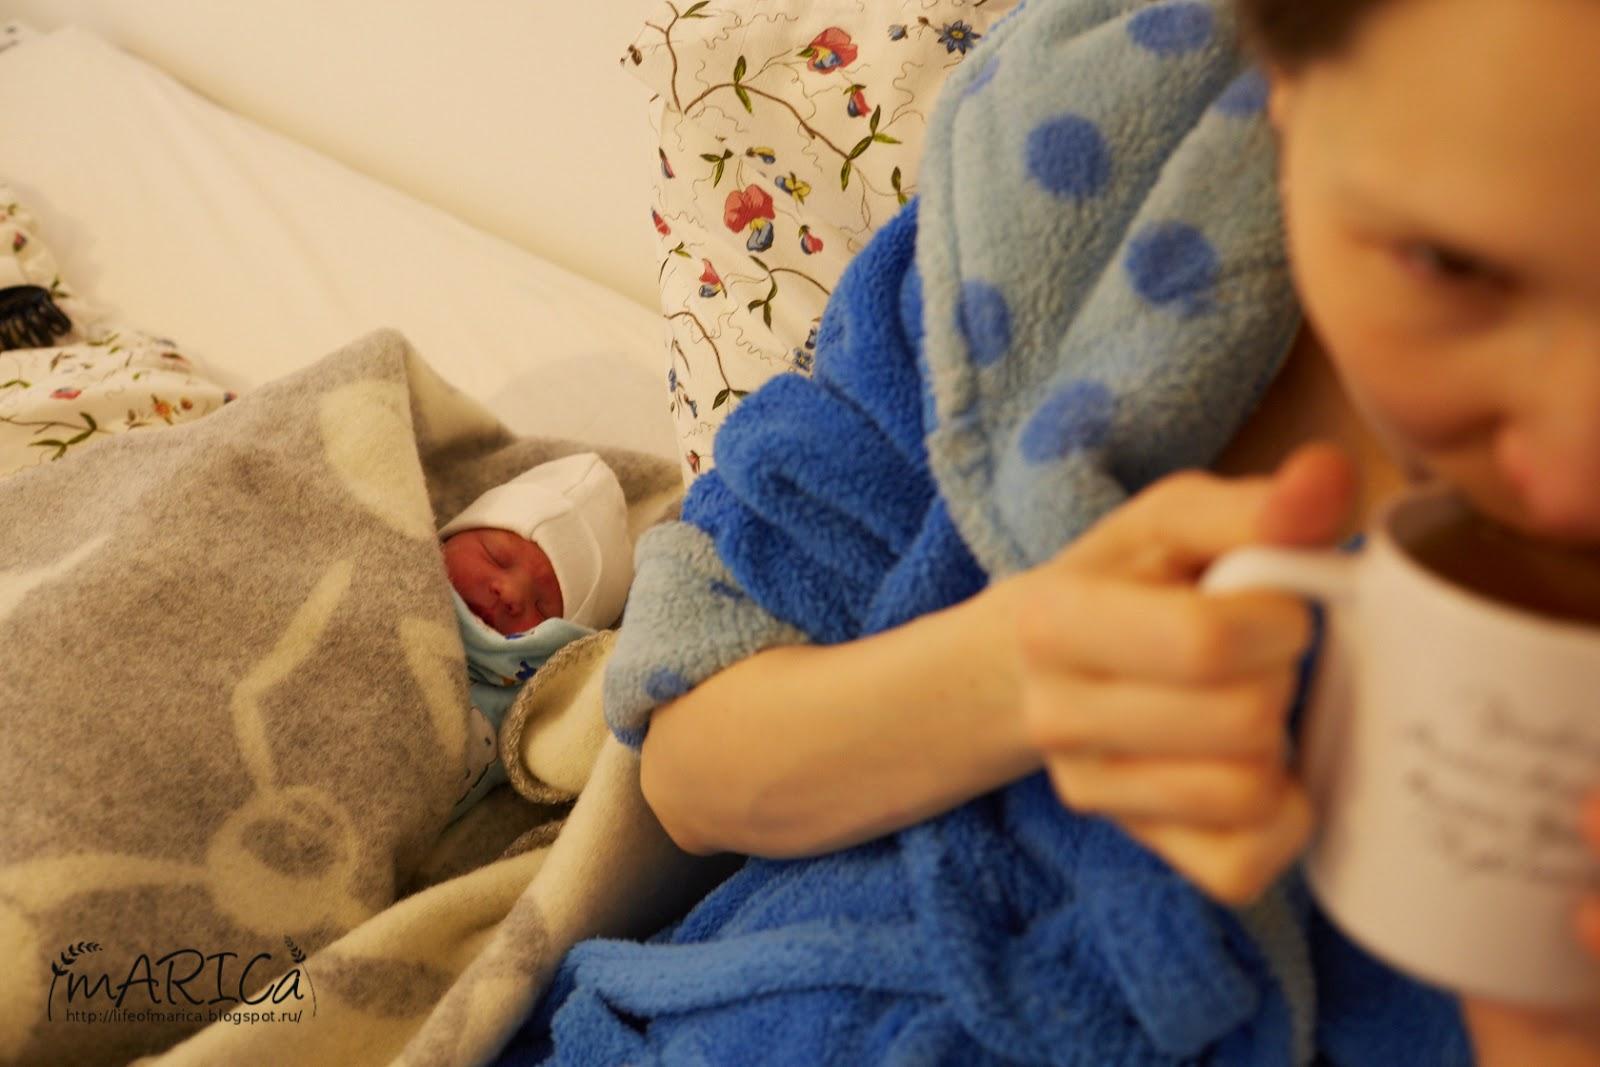 Рассказы как я переспала с сыном и какие мои ощущения 8 фотография